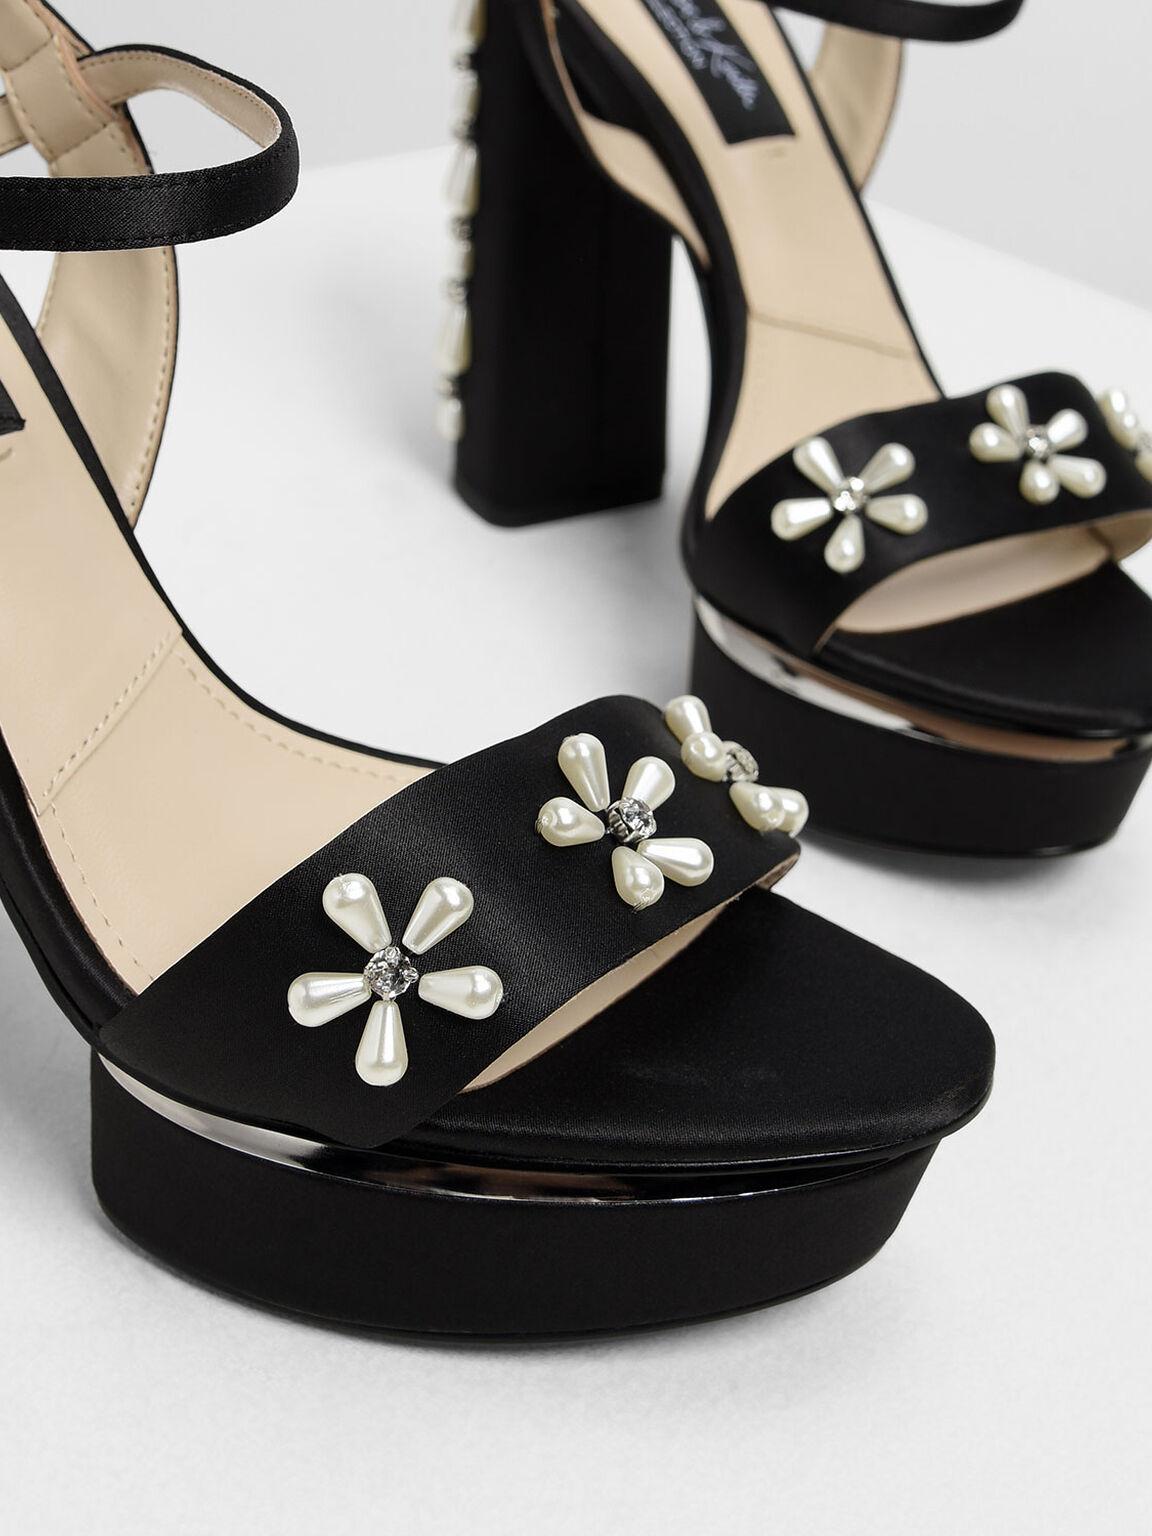 Floral Embellished Satin Platforms, Black, hi-res